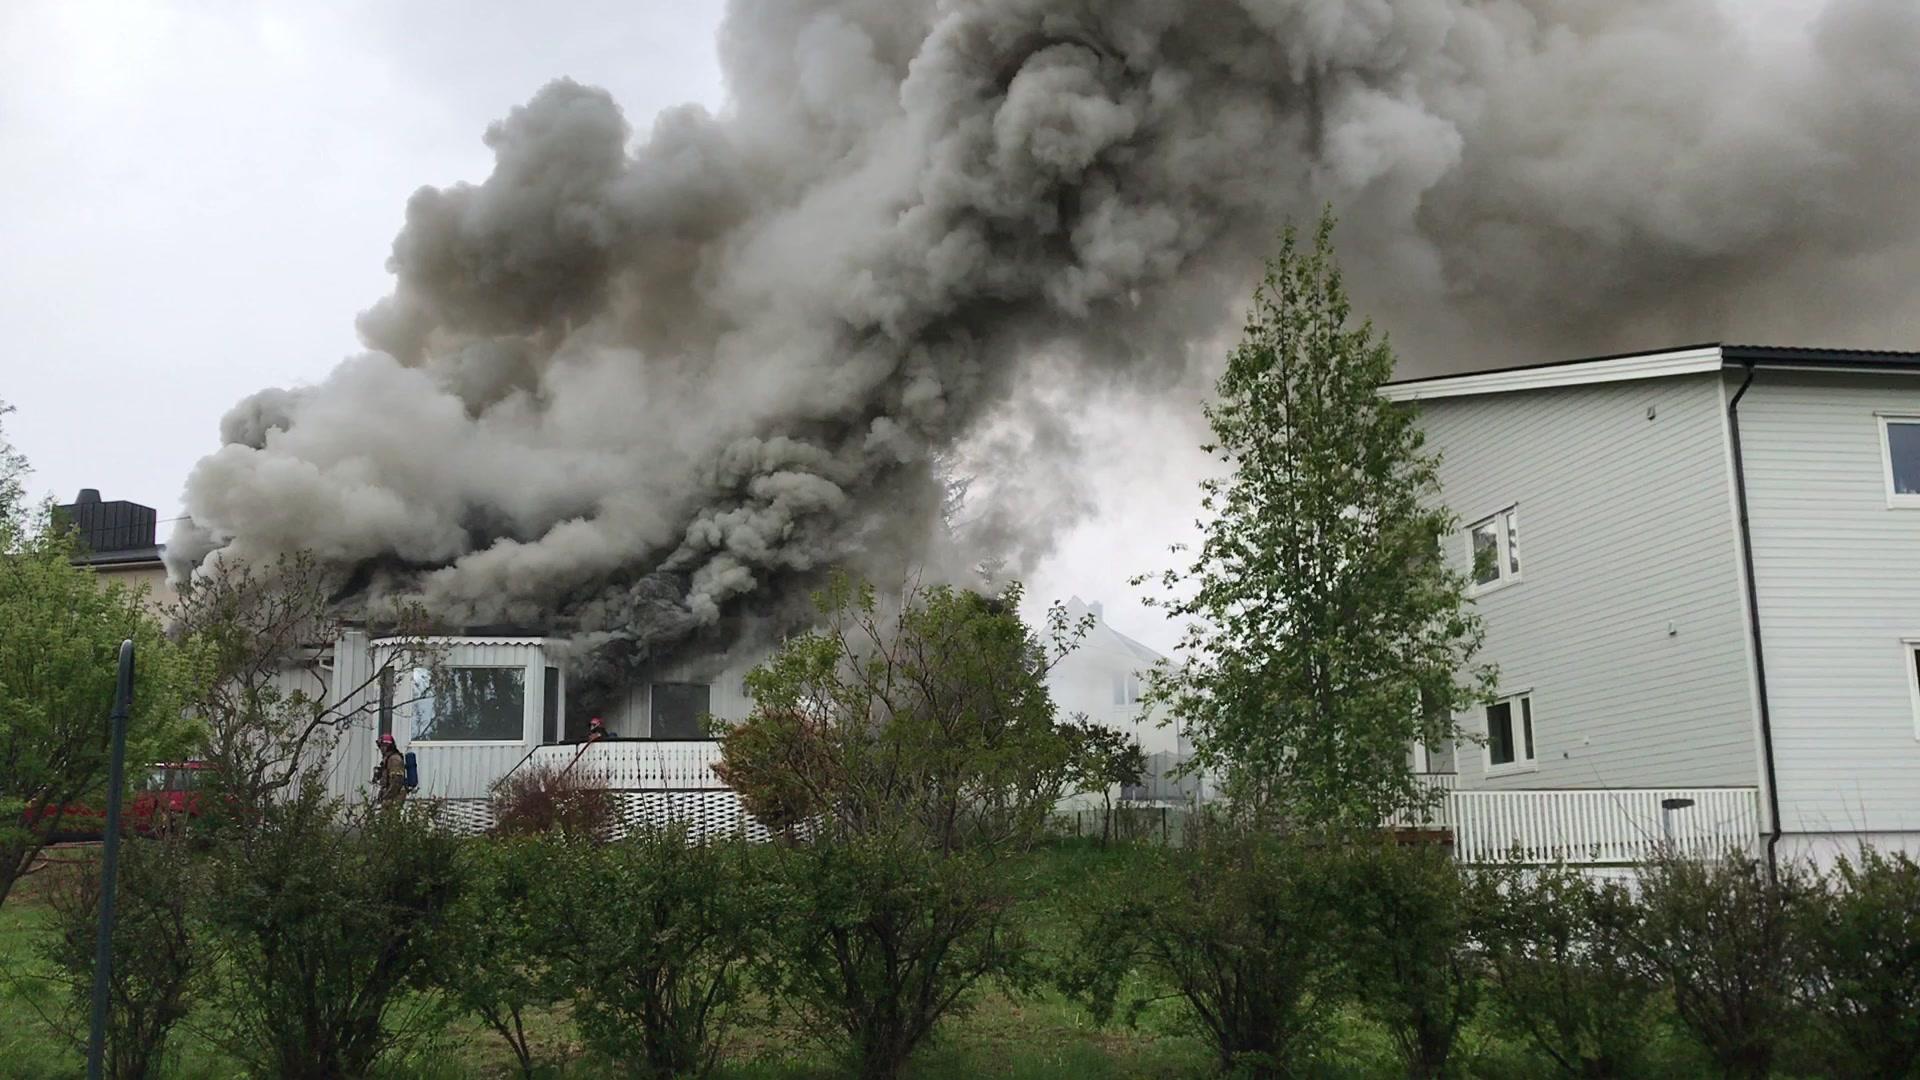 Røyken veltet ut fra huset